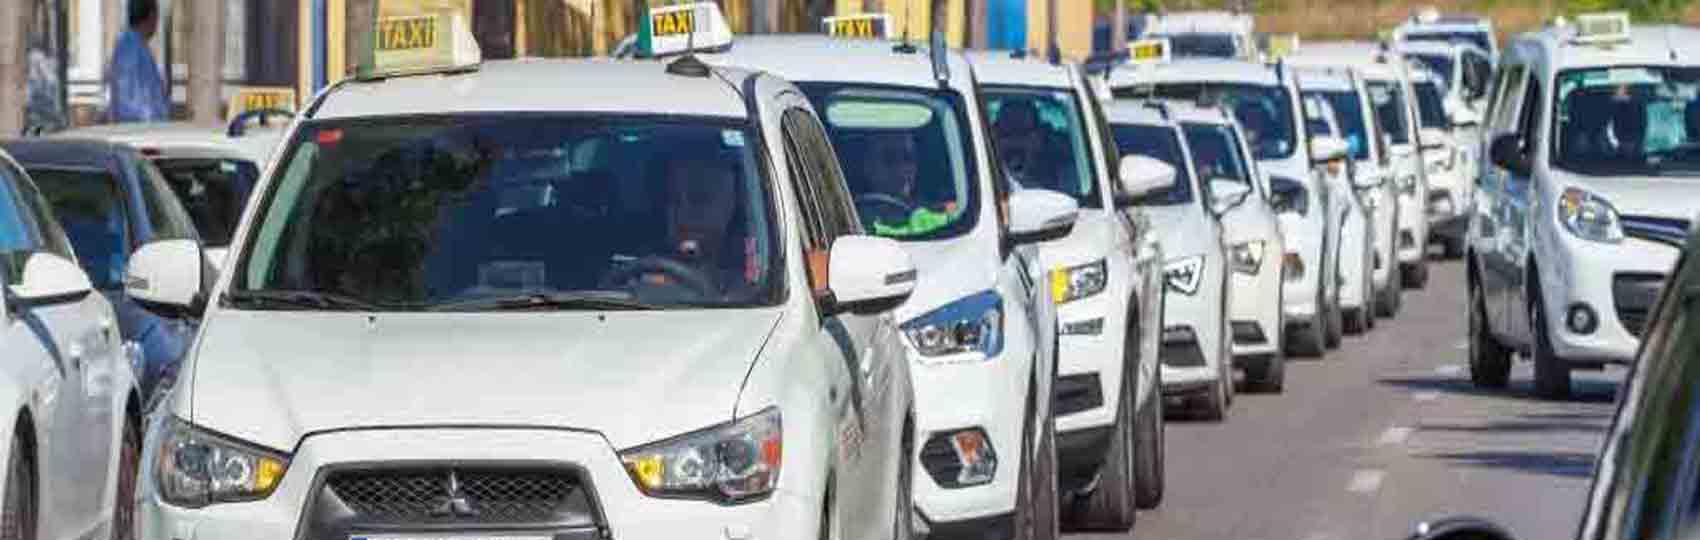 Noticias del sector del taxi y la movilidad en Mallorca. Mantente informado de todas las noticias del taxi de Mallorca en el grupo de Facebook de Todo Taxi.